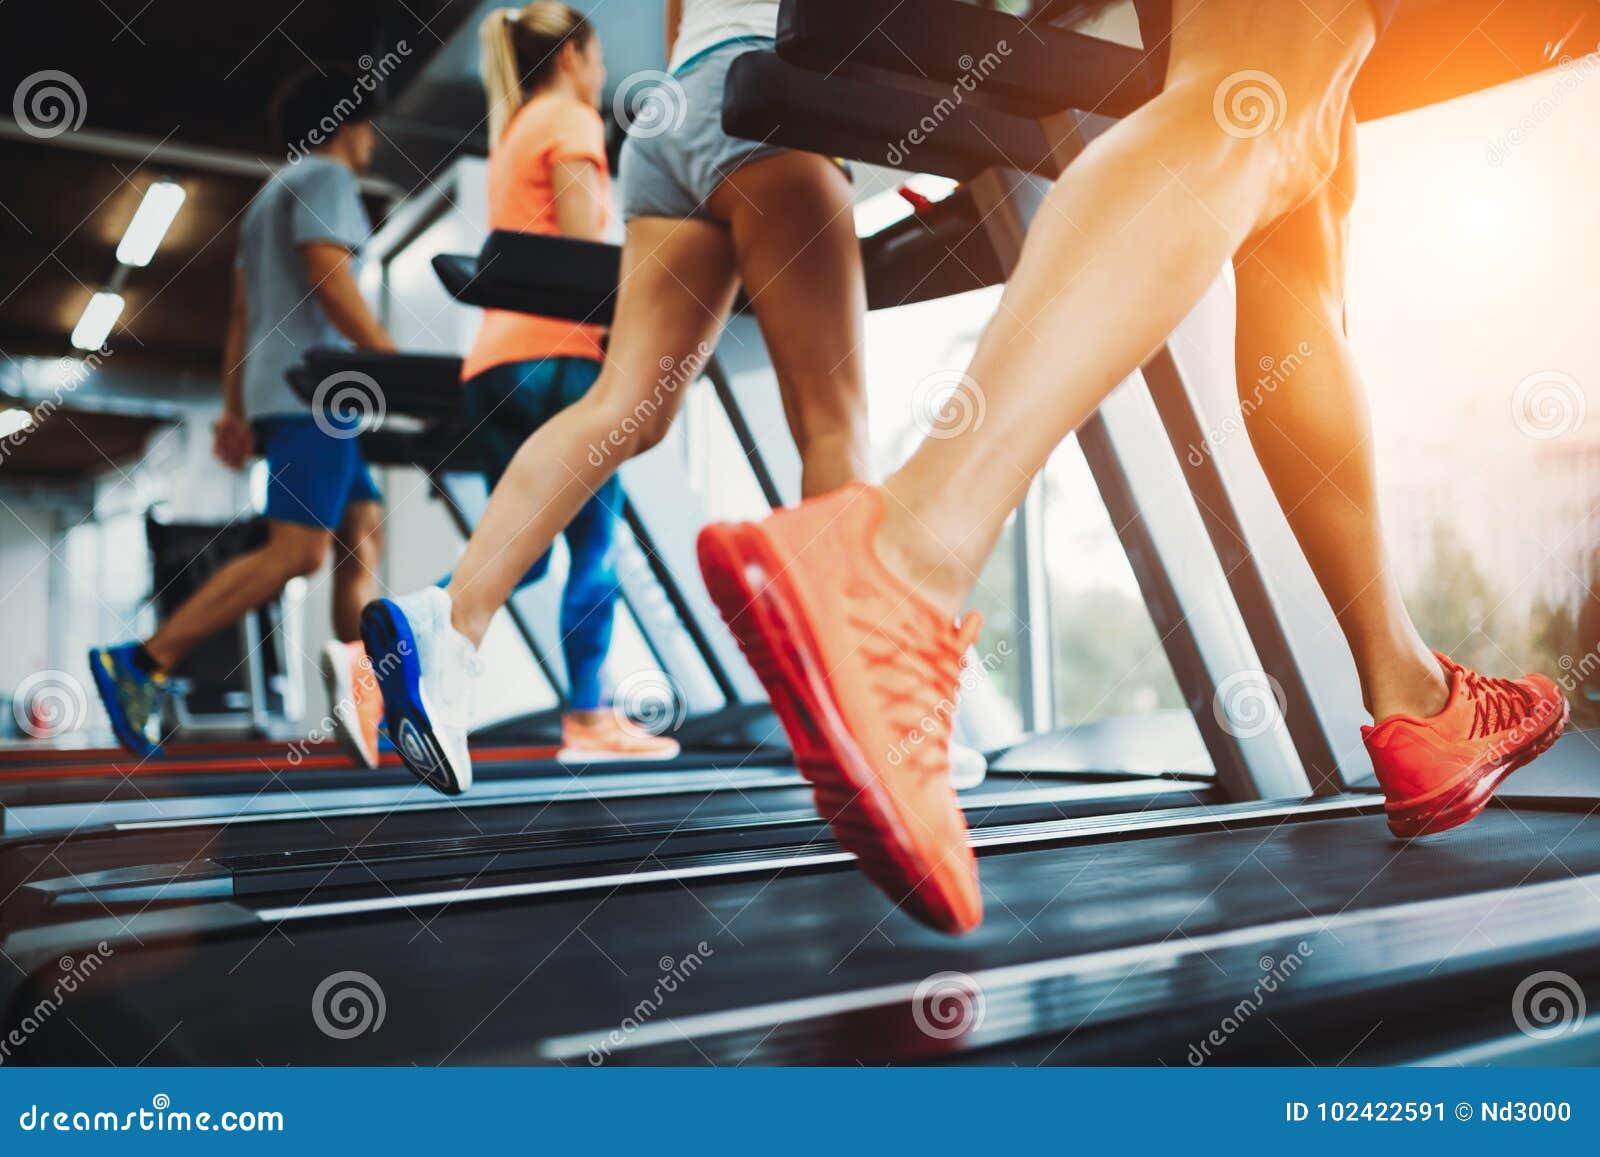 Изображение людей бежать на третбане в спортзале